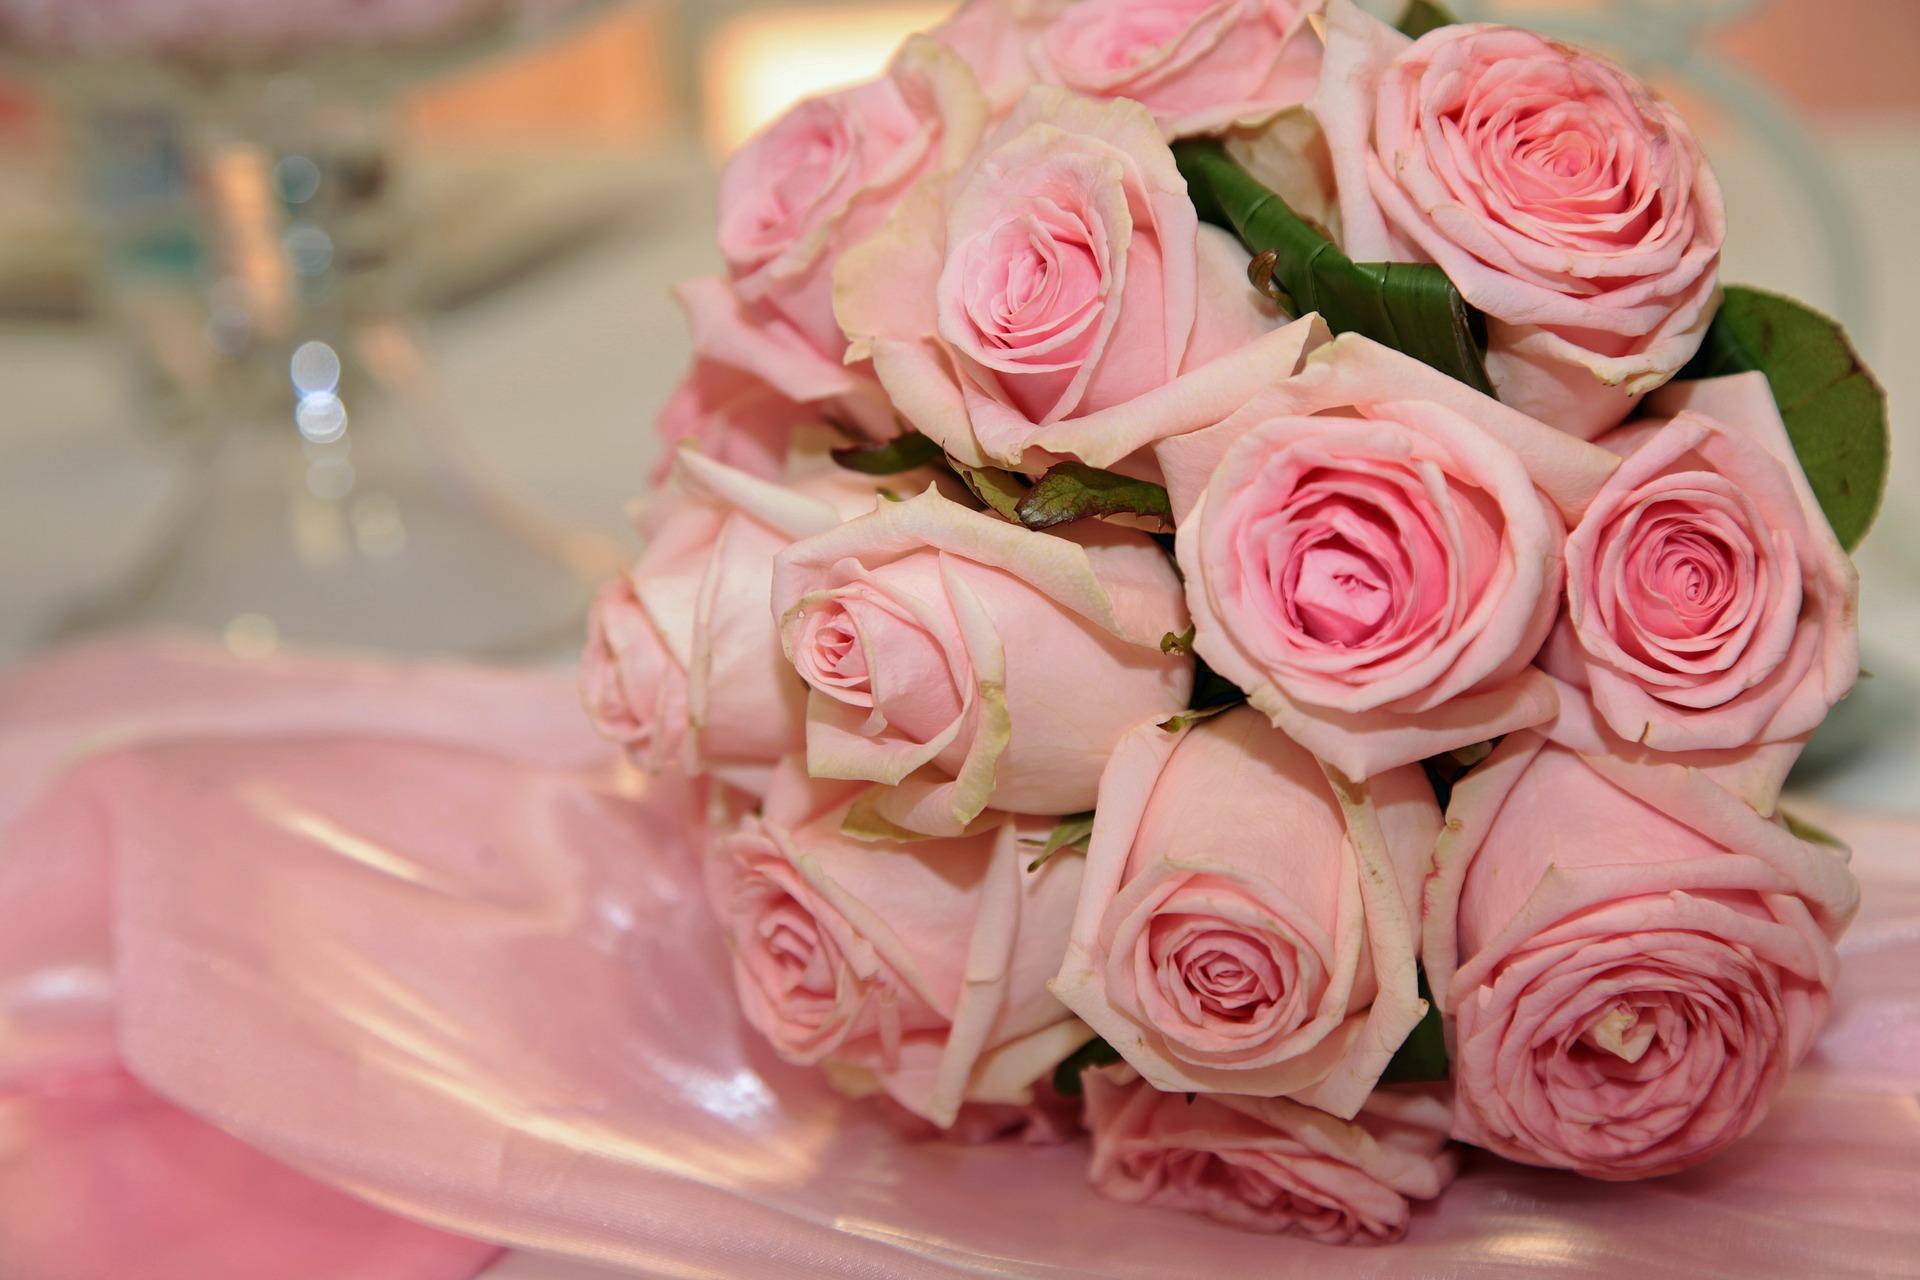 5月の誕生花はピンクバラ~画像付きでご紹介~